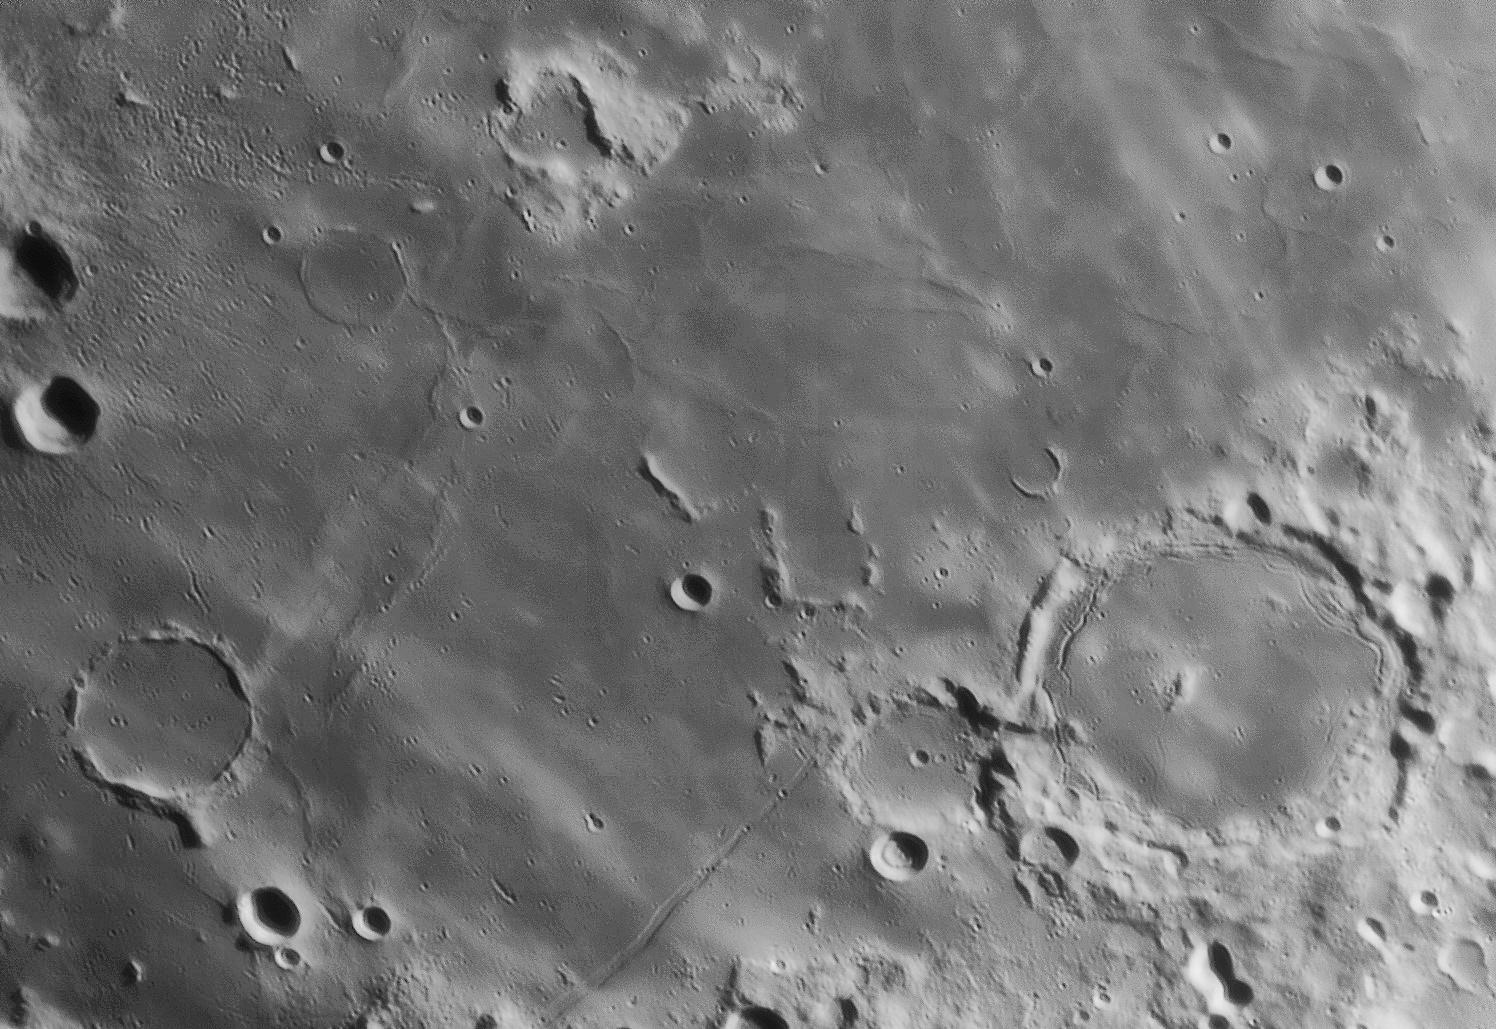 Pitatus Kies Hesiodus 20190414_225255_g3_ap356_conv 2500 kl pop 2.jpg